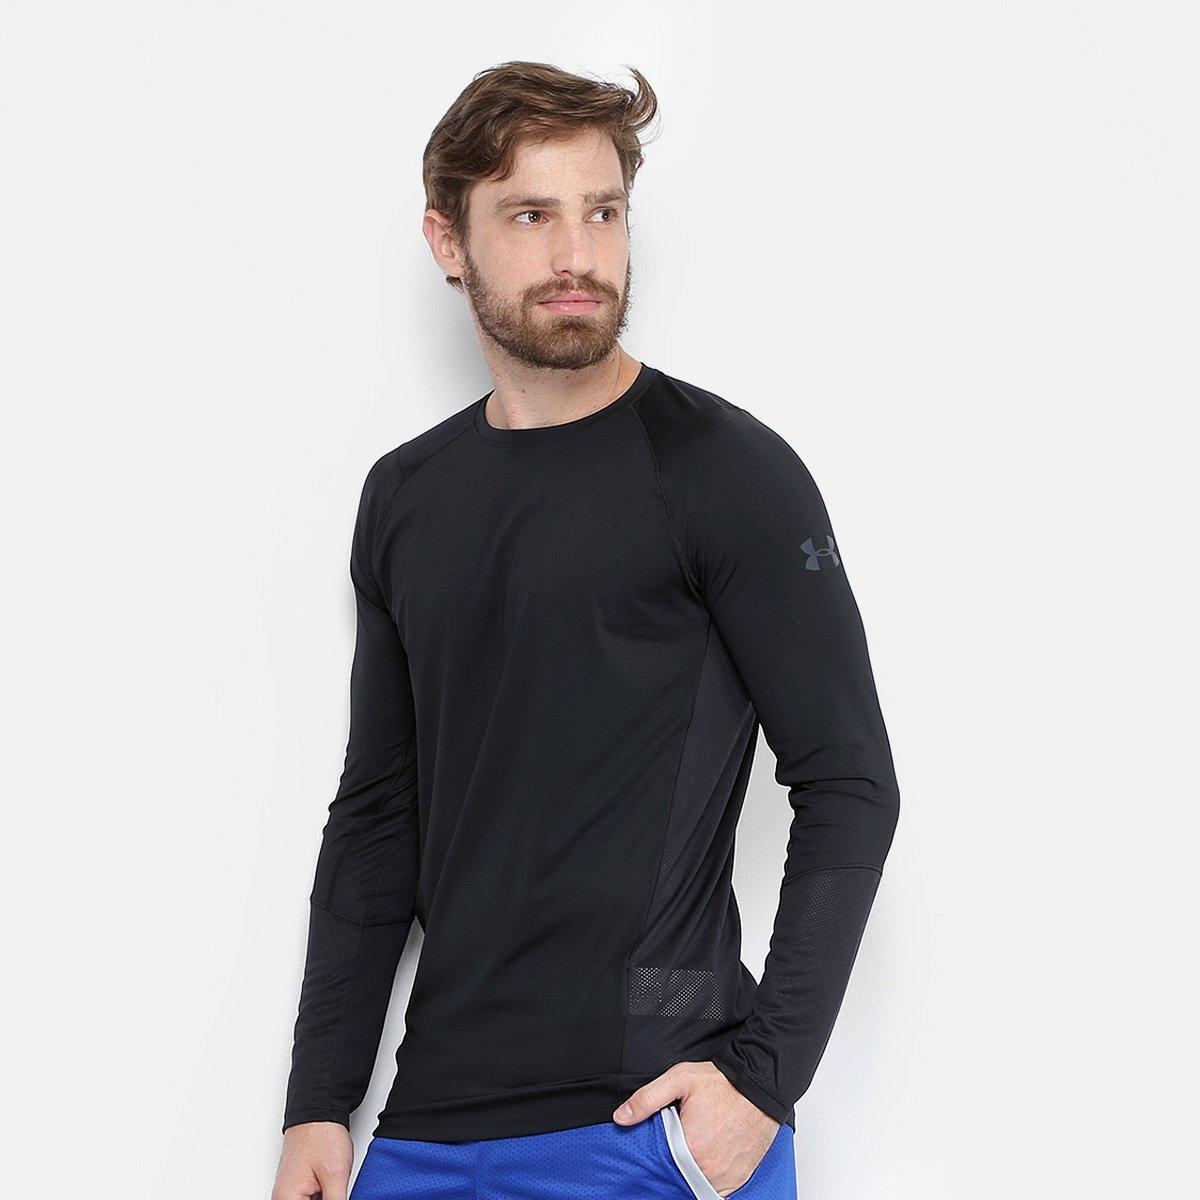 a656b4b9097 Camiseta Under Armour MK1 LS Manga Longa Masculina - Preto e Cinza - Compre  Agora